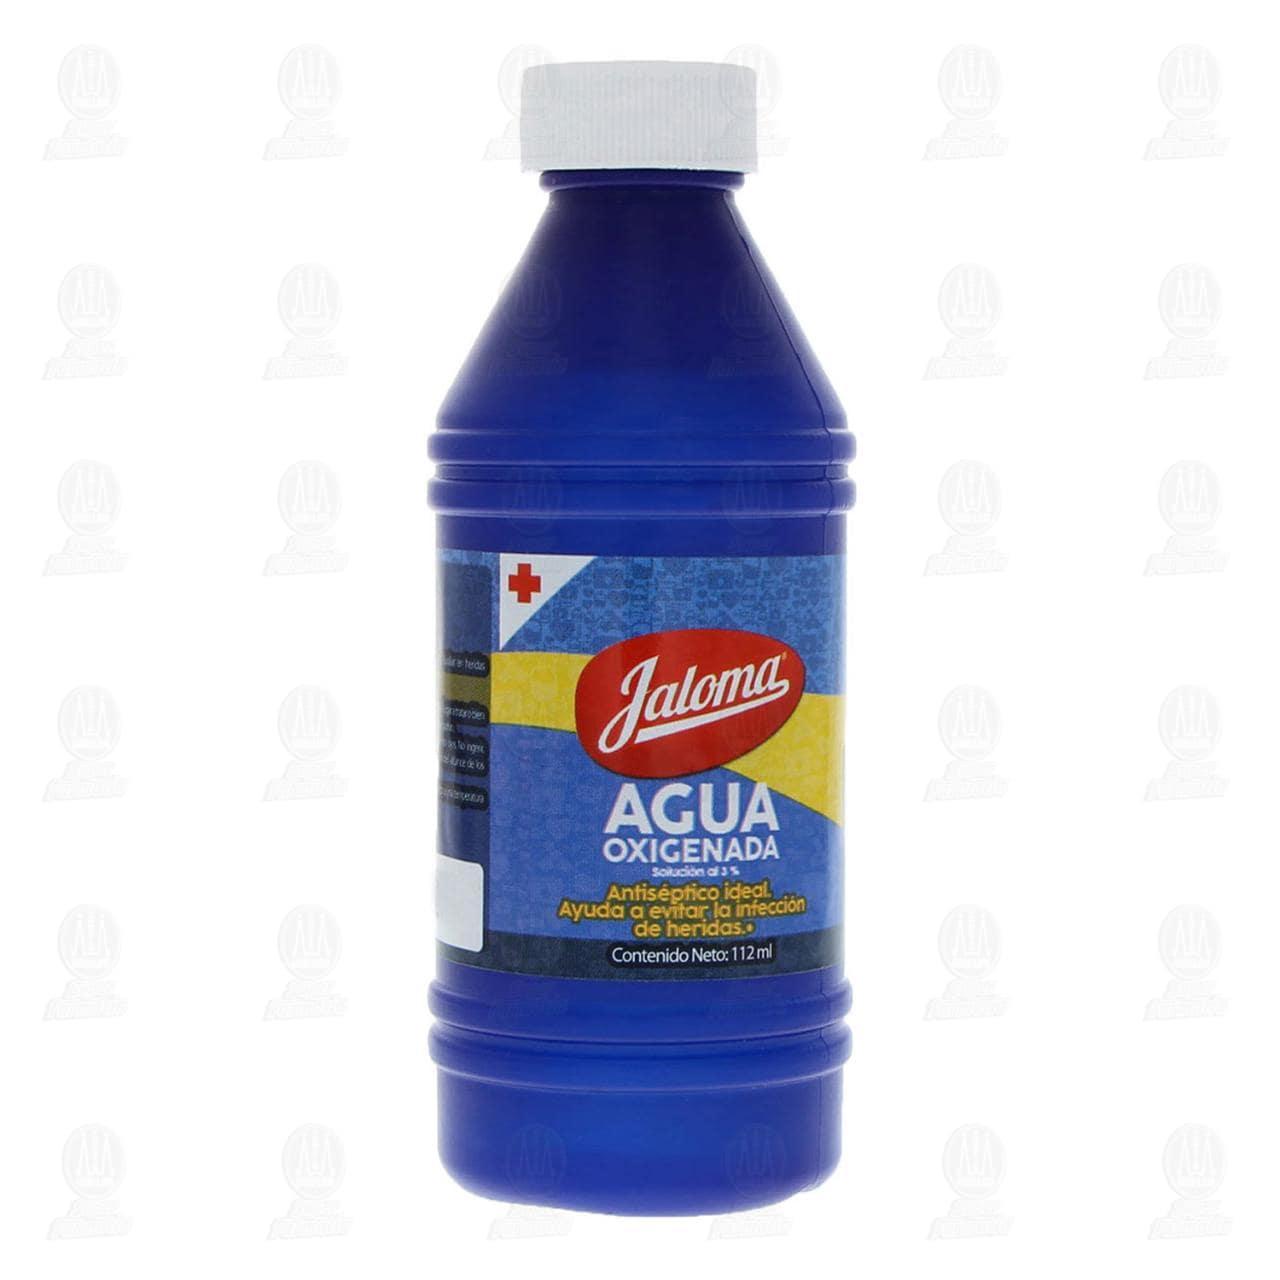 Comprar Agua Oxigenada Jaloma 112ml en Farmacias Guadalajara